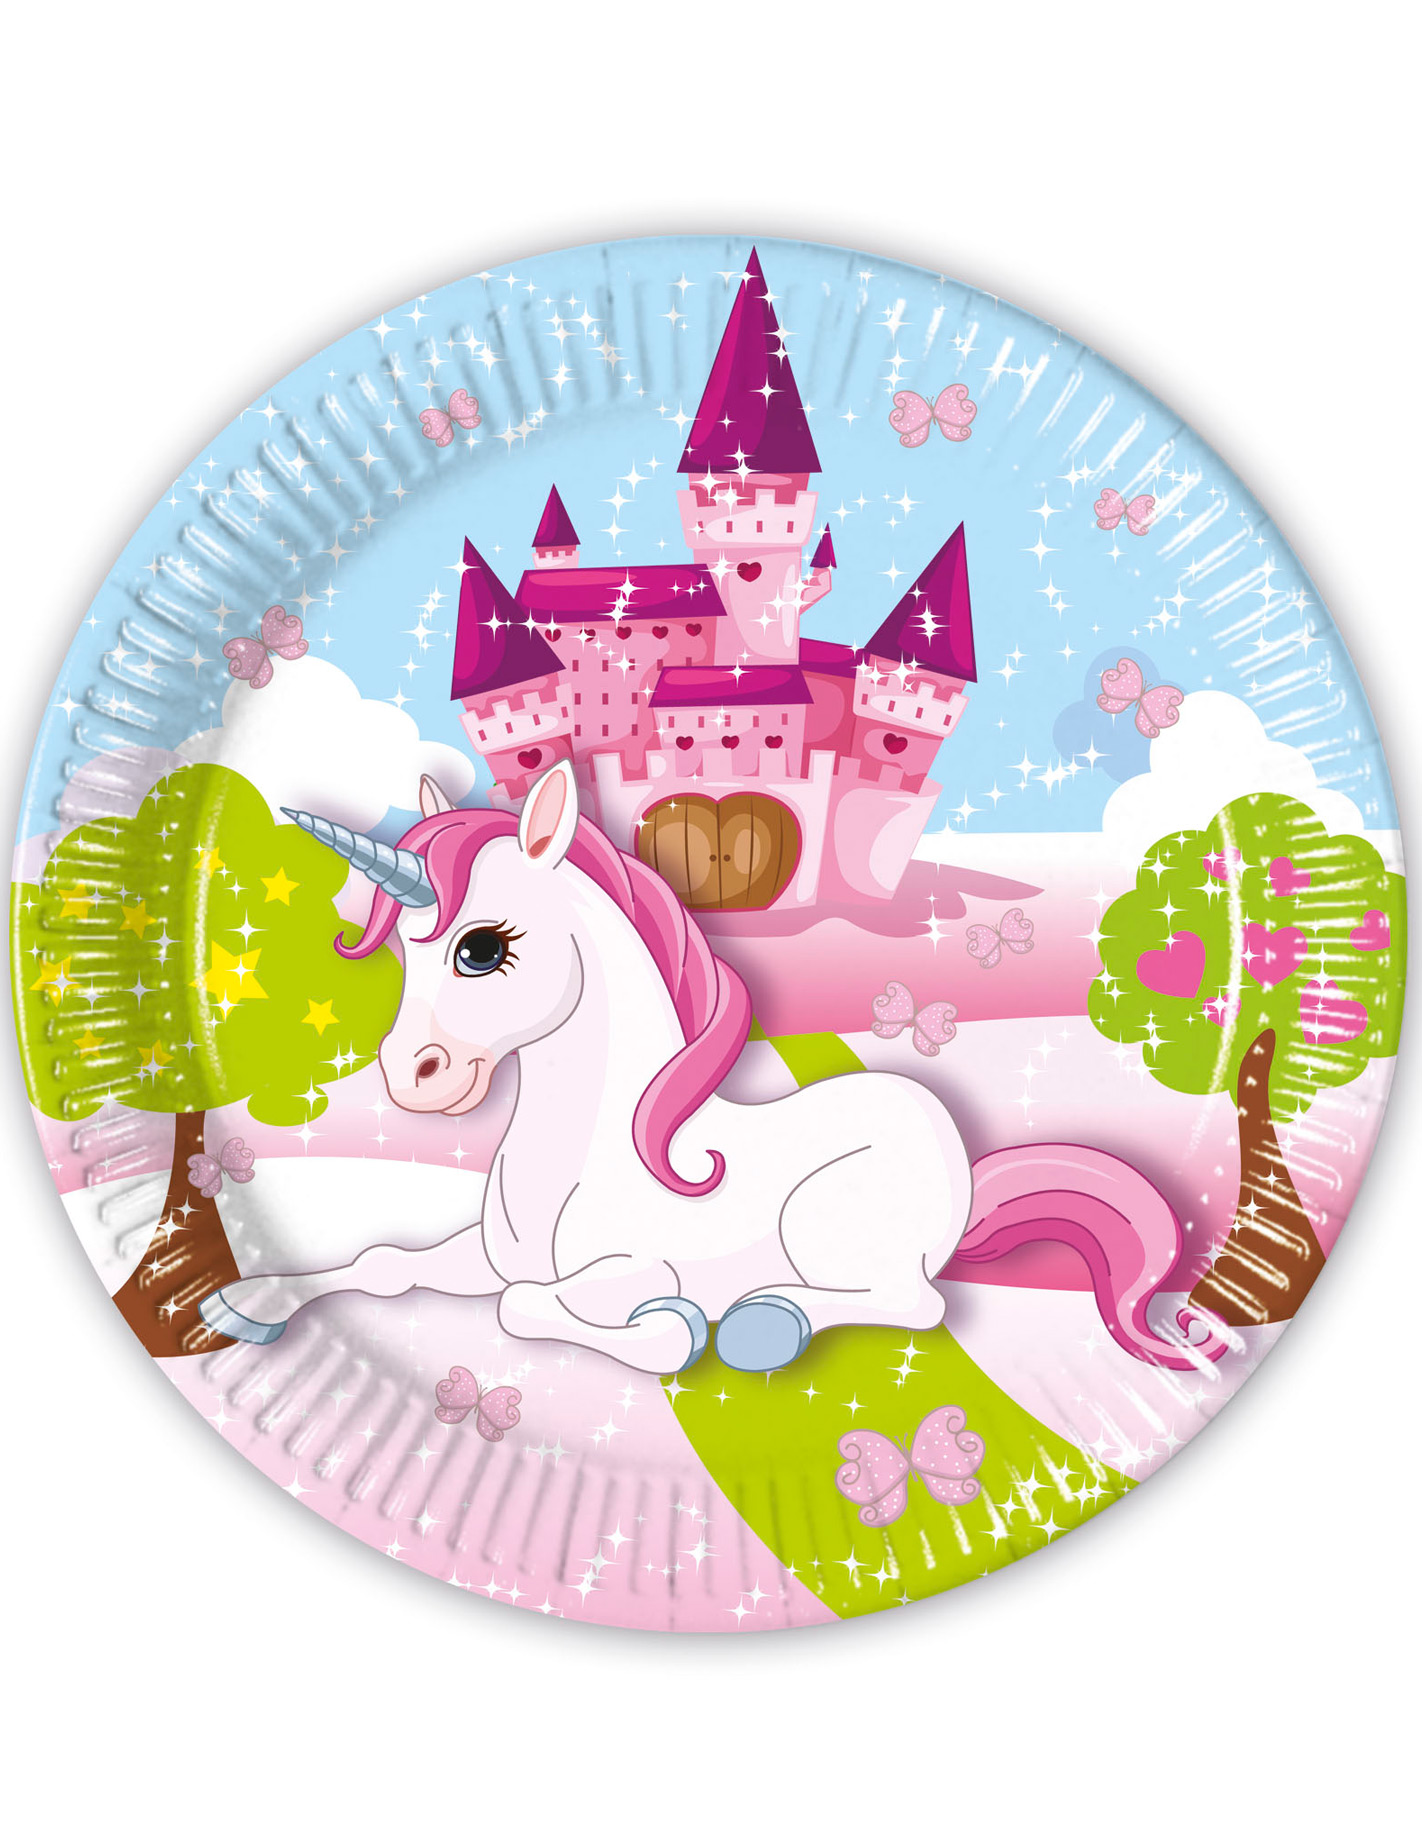 8 assiettes en carton licorne 23 cm d coration anniversaire et f tes th me sur vegaoo party - Image licorne ...